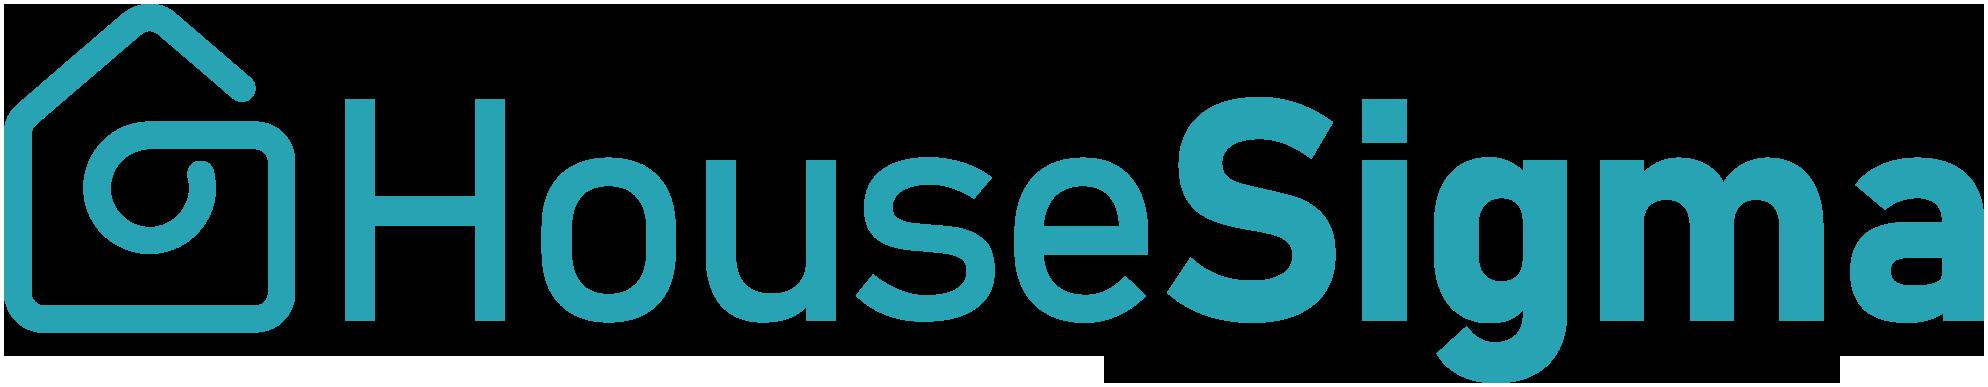 Logo_Jan_22-03.png